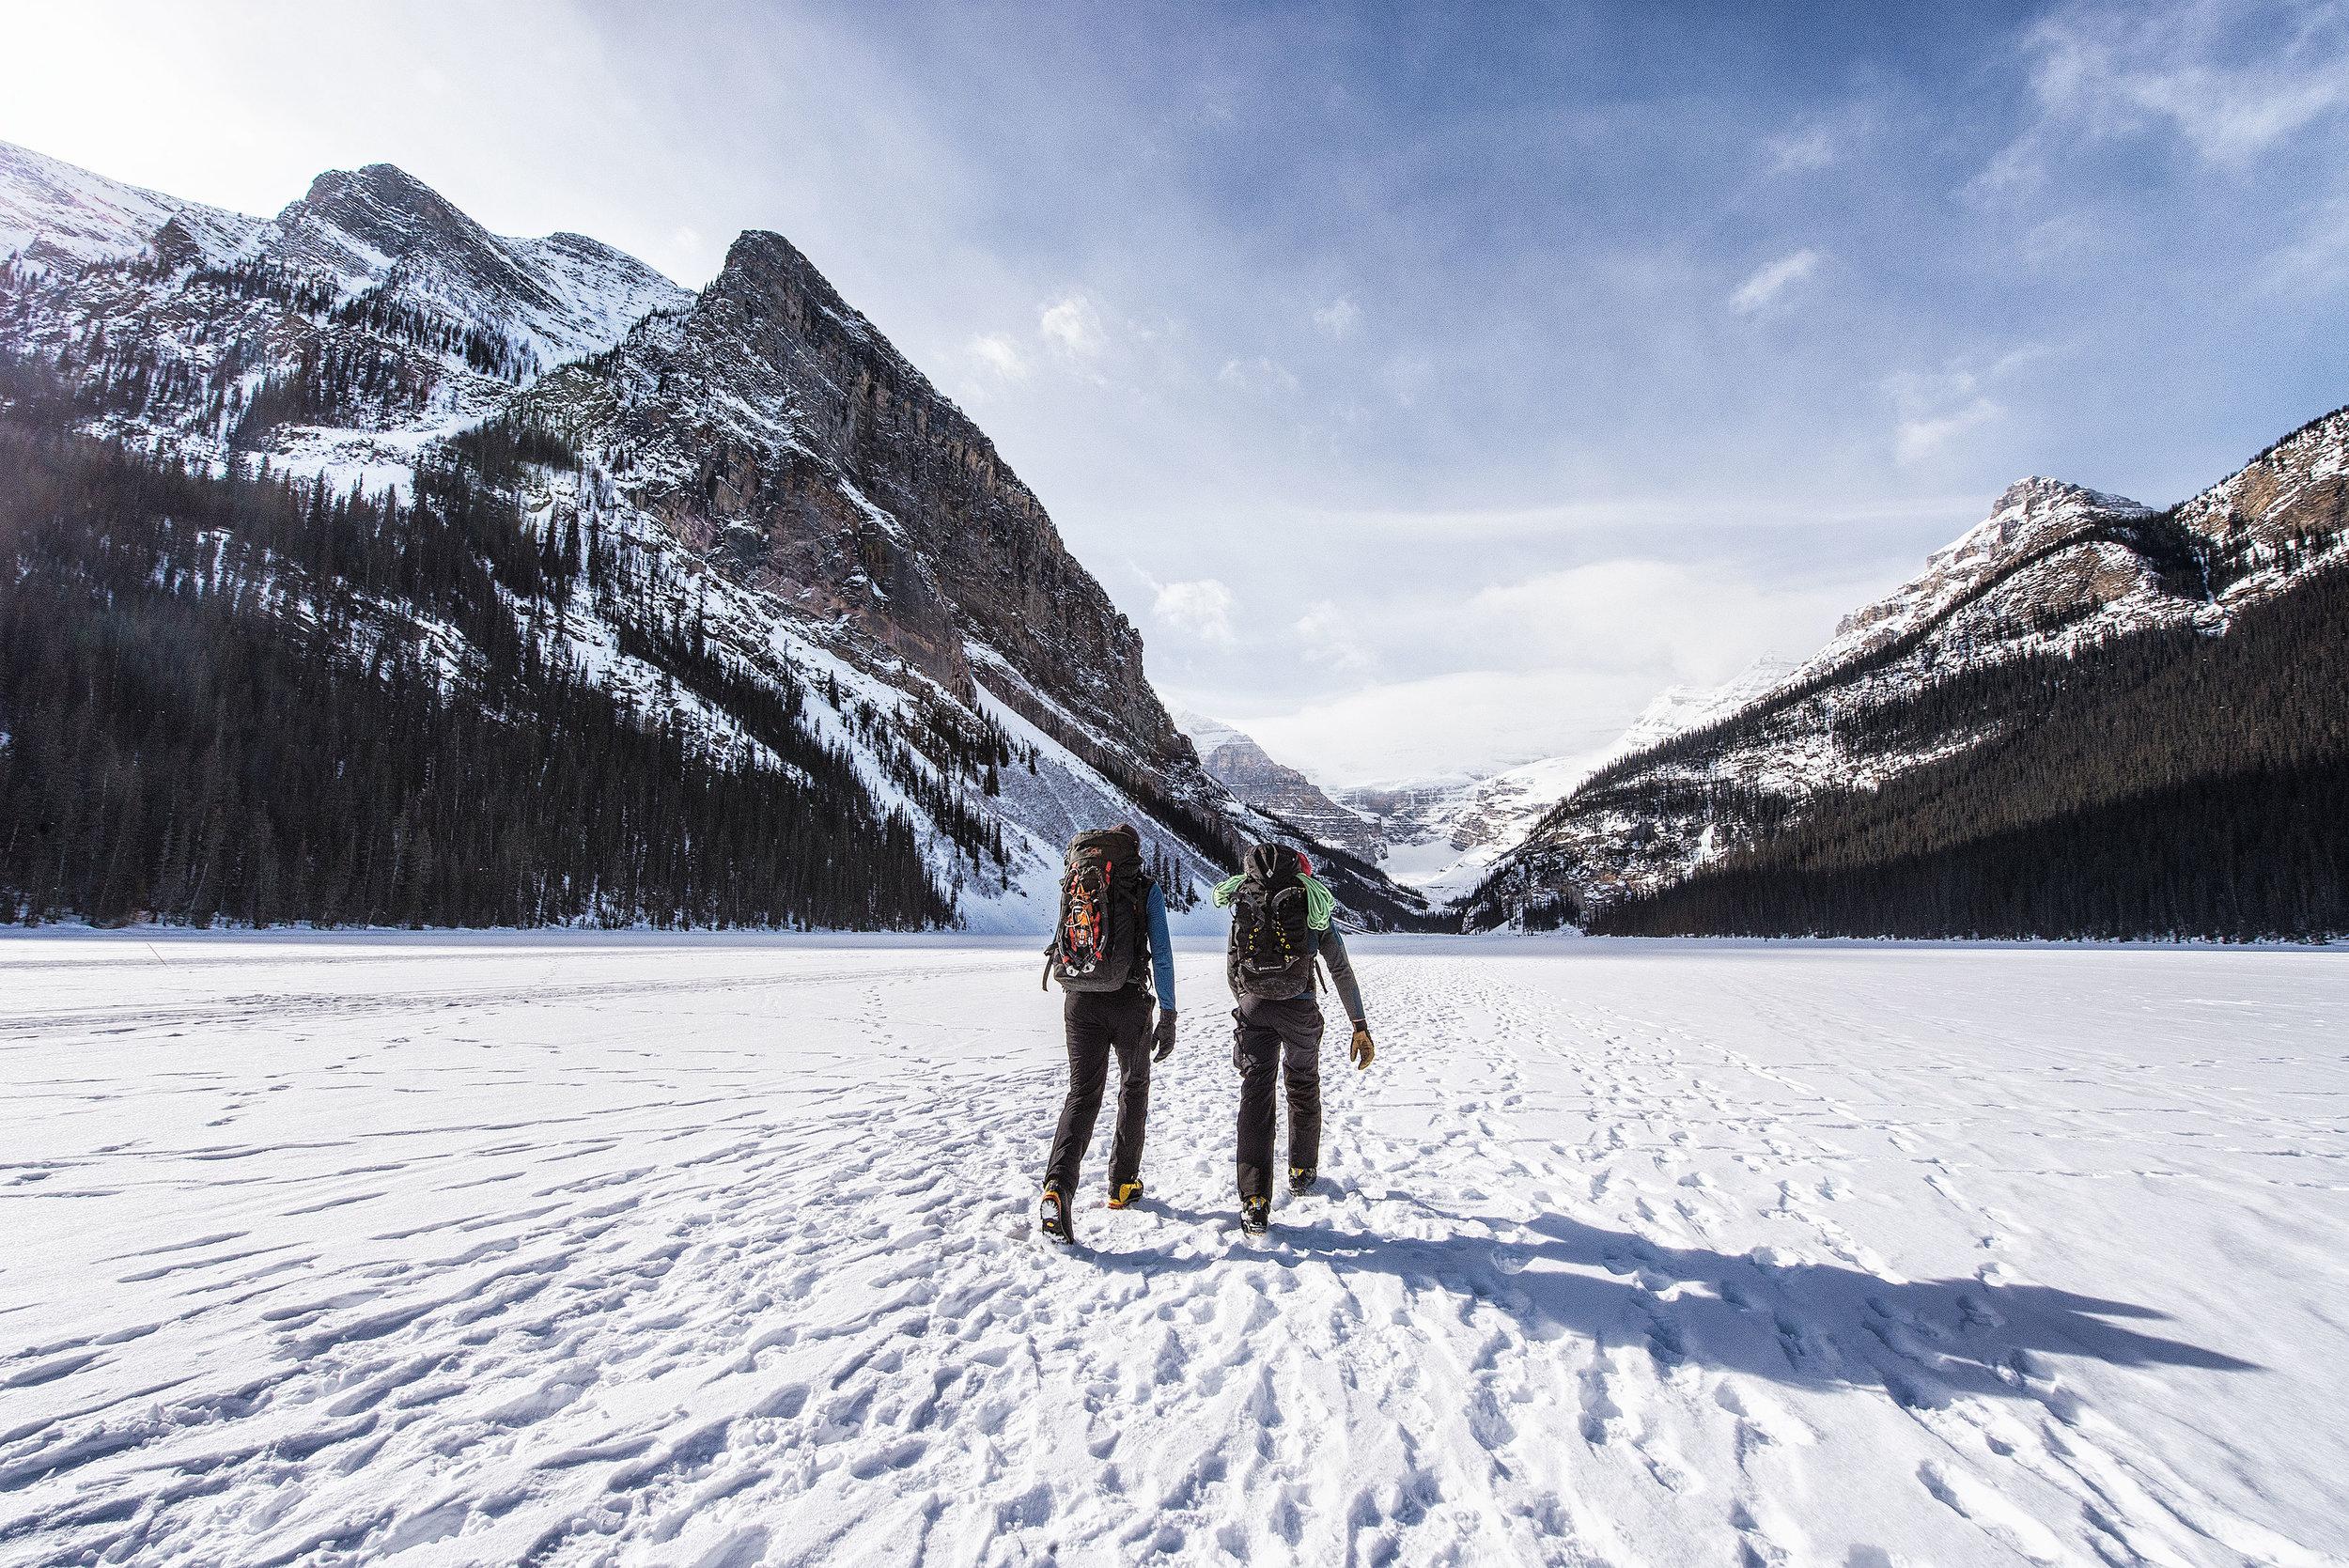 austin-trigg-ice-climbing-banff-hiking-Louise-Lake.jpg